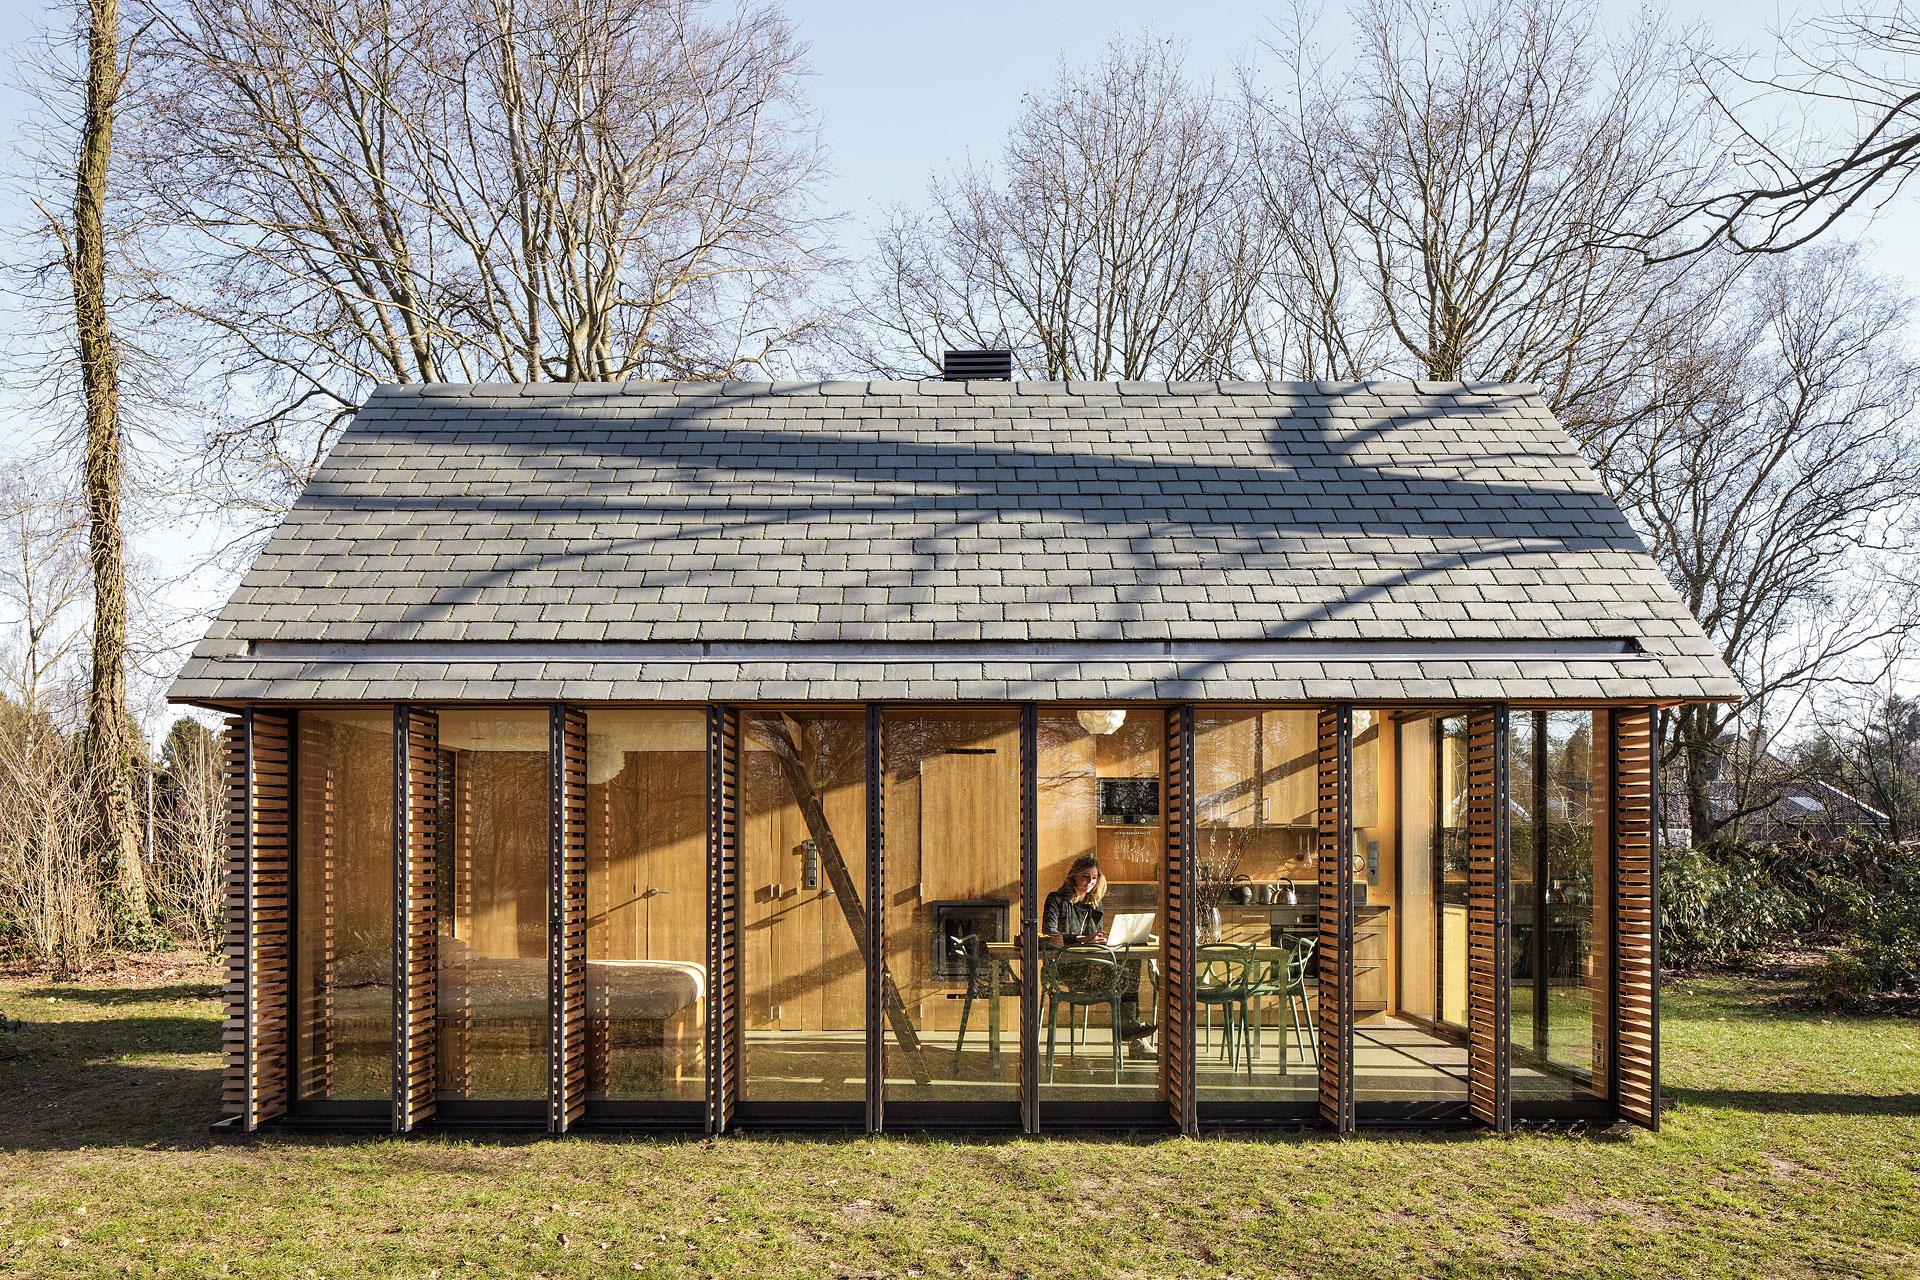 Stijn-Poelstra-Architectuurfotografie-Zecc-Tuinhuis-2